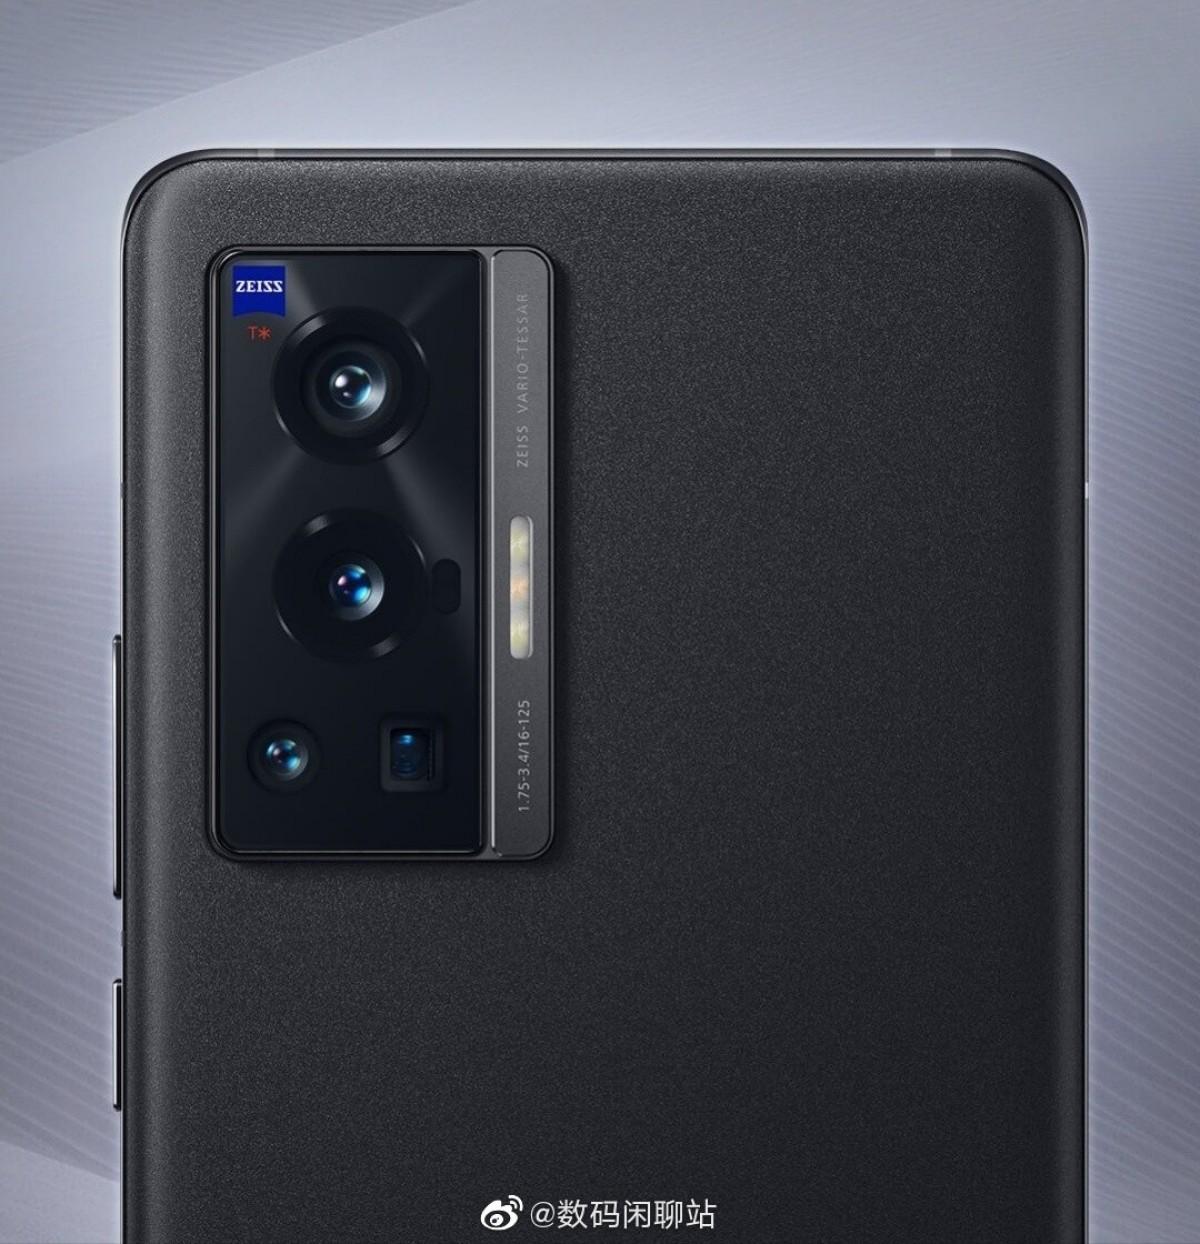 Fuite des spécifications détaillées du vivo X70, X70 Pro et X70 Pro+ avant le lancement du 9 septembre